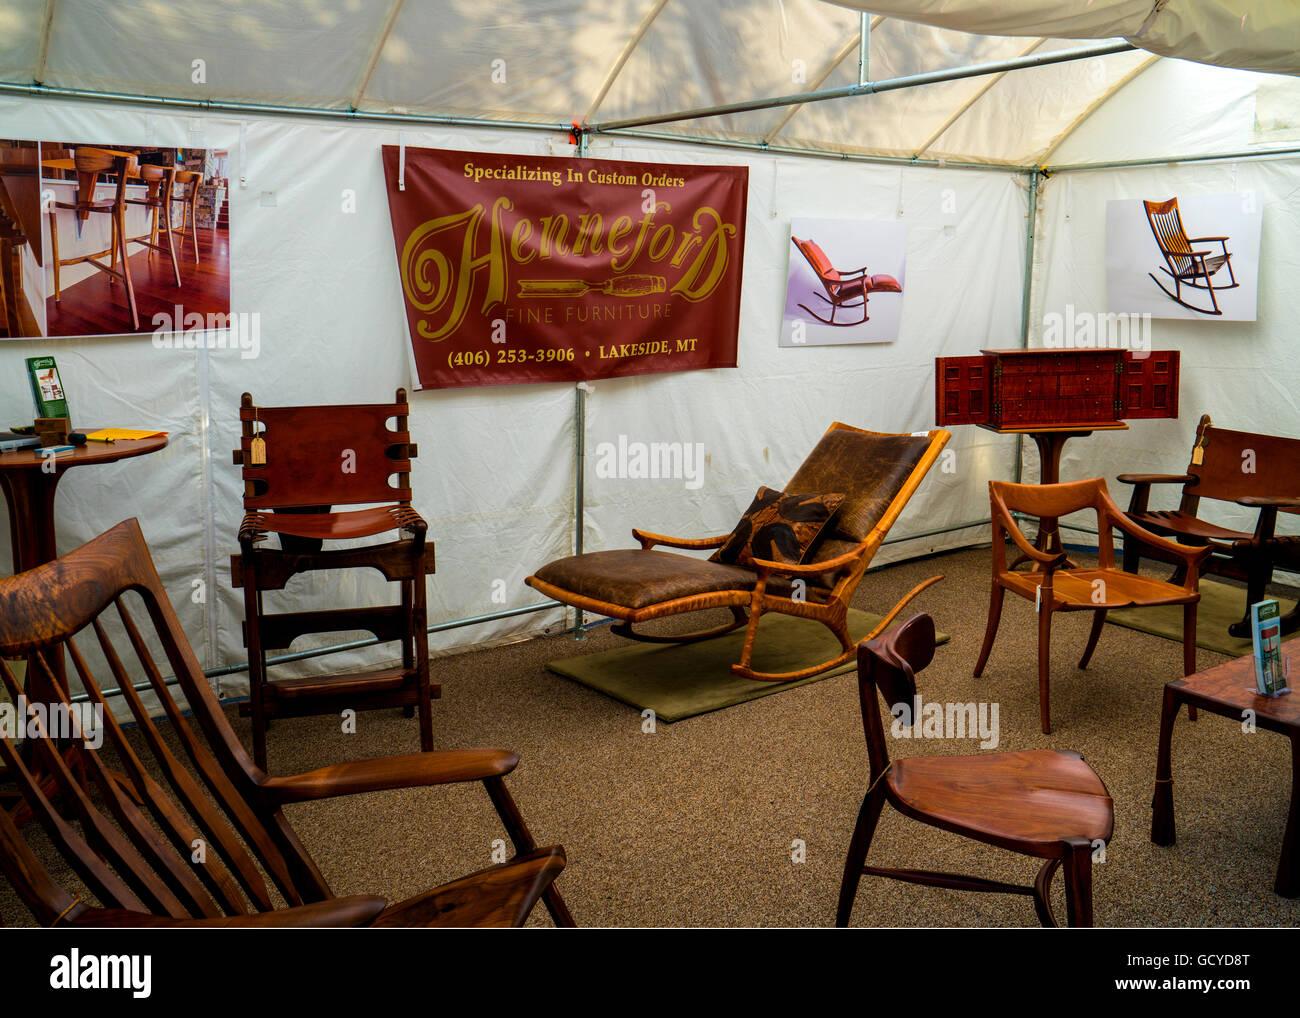 Stand al Cherry Creek Art Festival di Denver in Colorado mostrando raffinati mobili in legno realizzati da Steve Immagini Stock